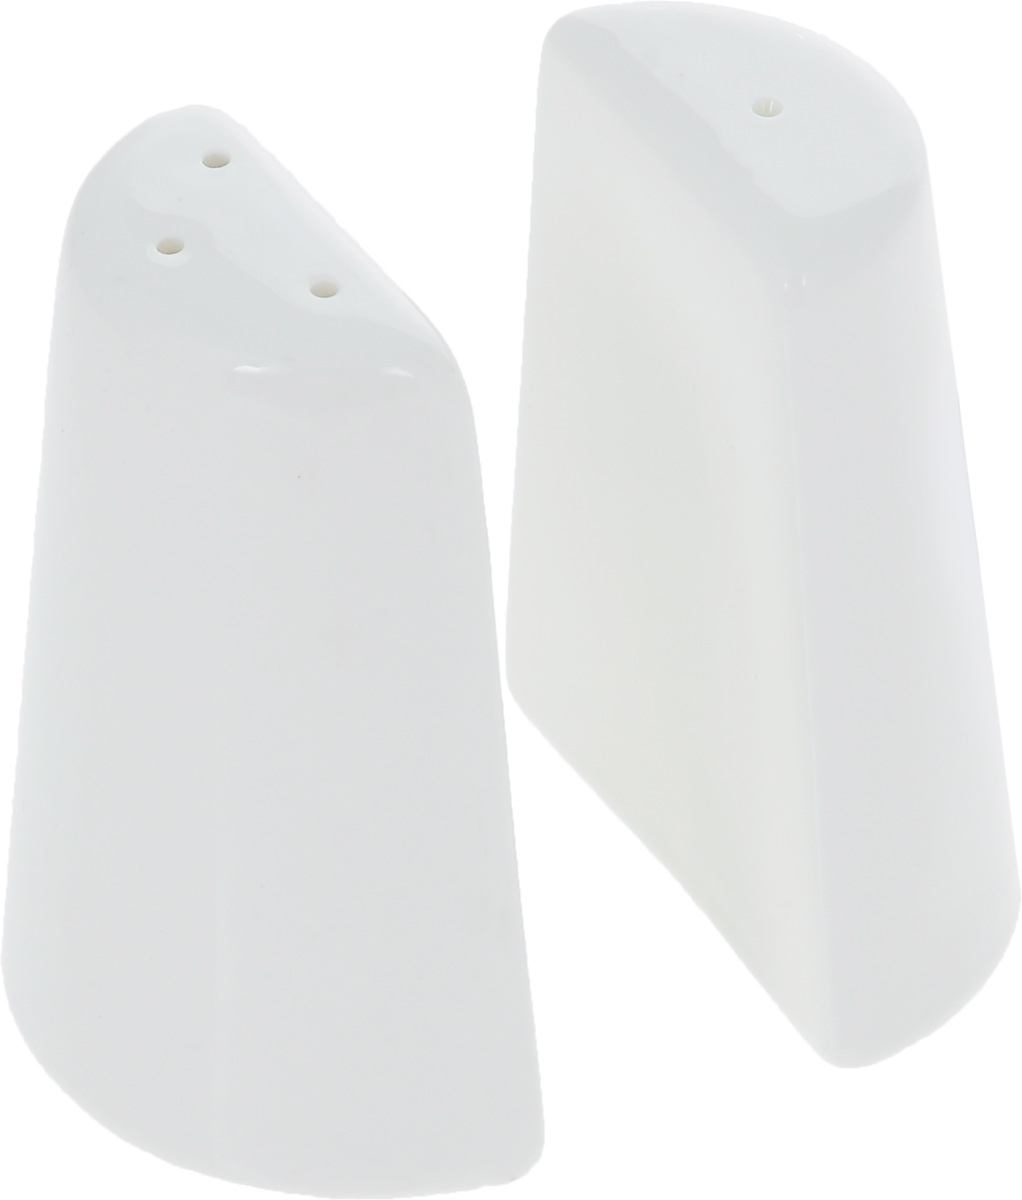 Набор для специй Wilmax, 2 предмета. WL-996068 / SPMT-1951Набор для специй Wilmax состоит из солонки и перечницы. Изделия выполнены из высококачественного фарфора, покрытого глазурью. Такой набор для специй пригодится в любом хозяйстве, он функционален, практичен и легок в уходе. Размер емкости: 7 х 3 х 8,5 см.